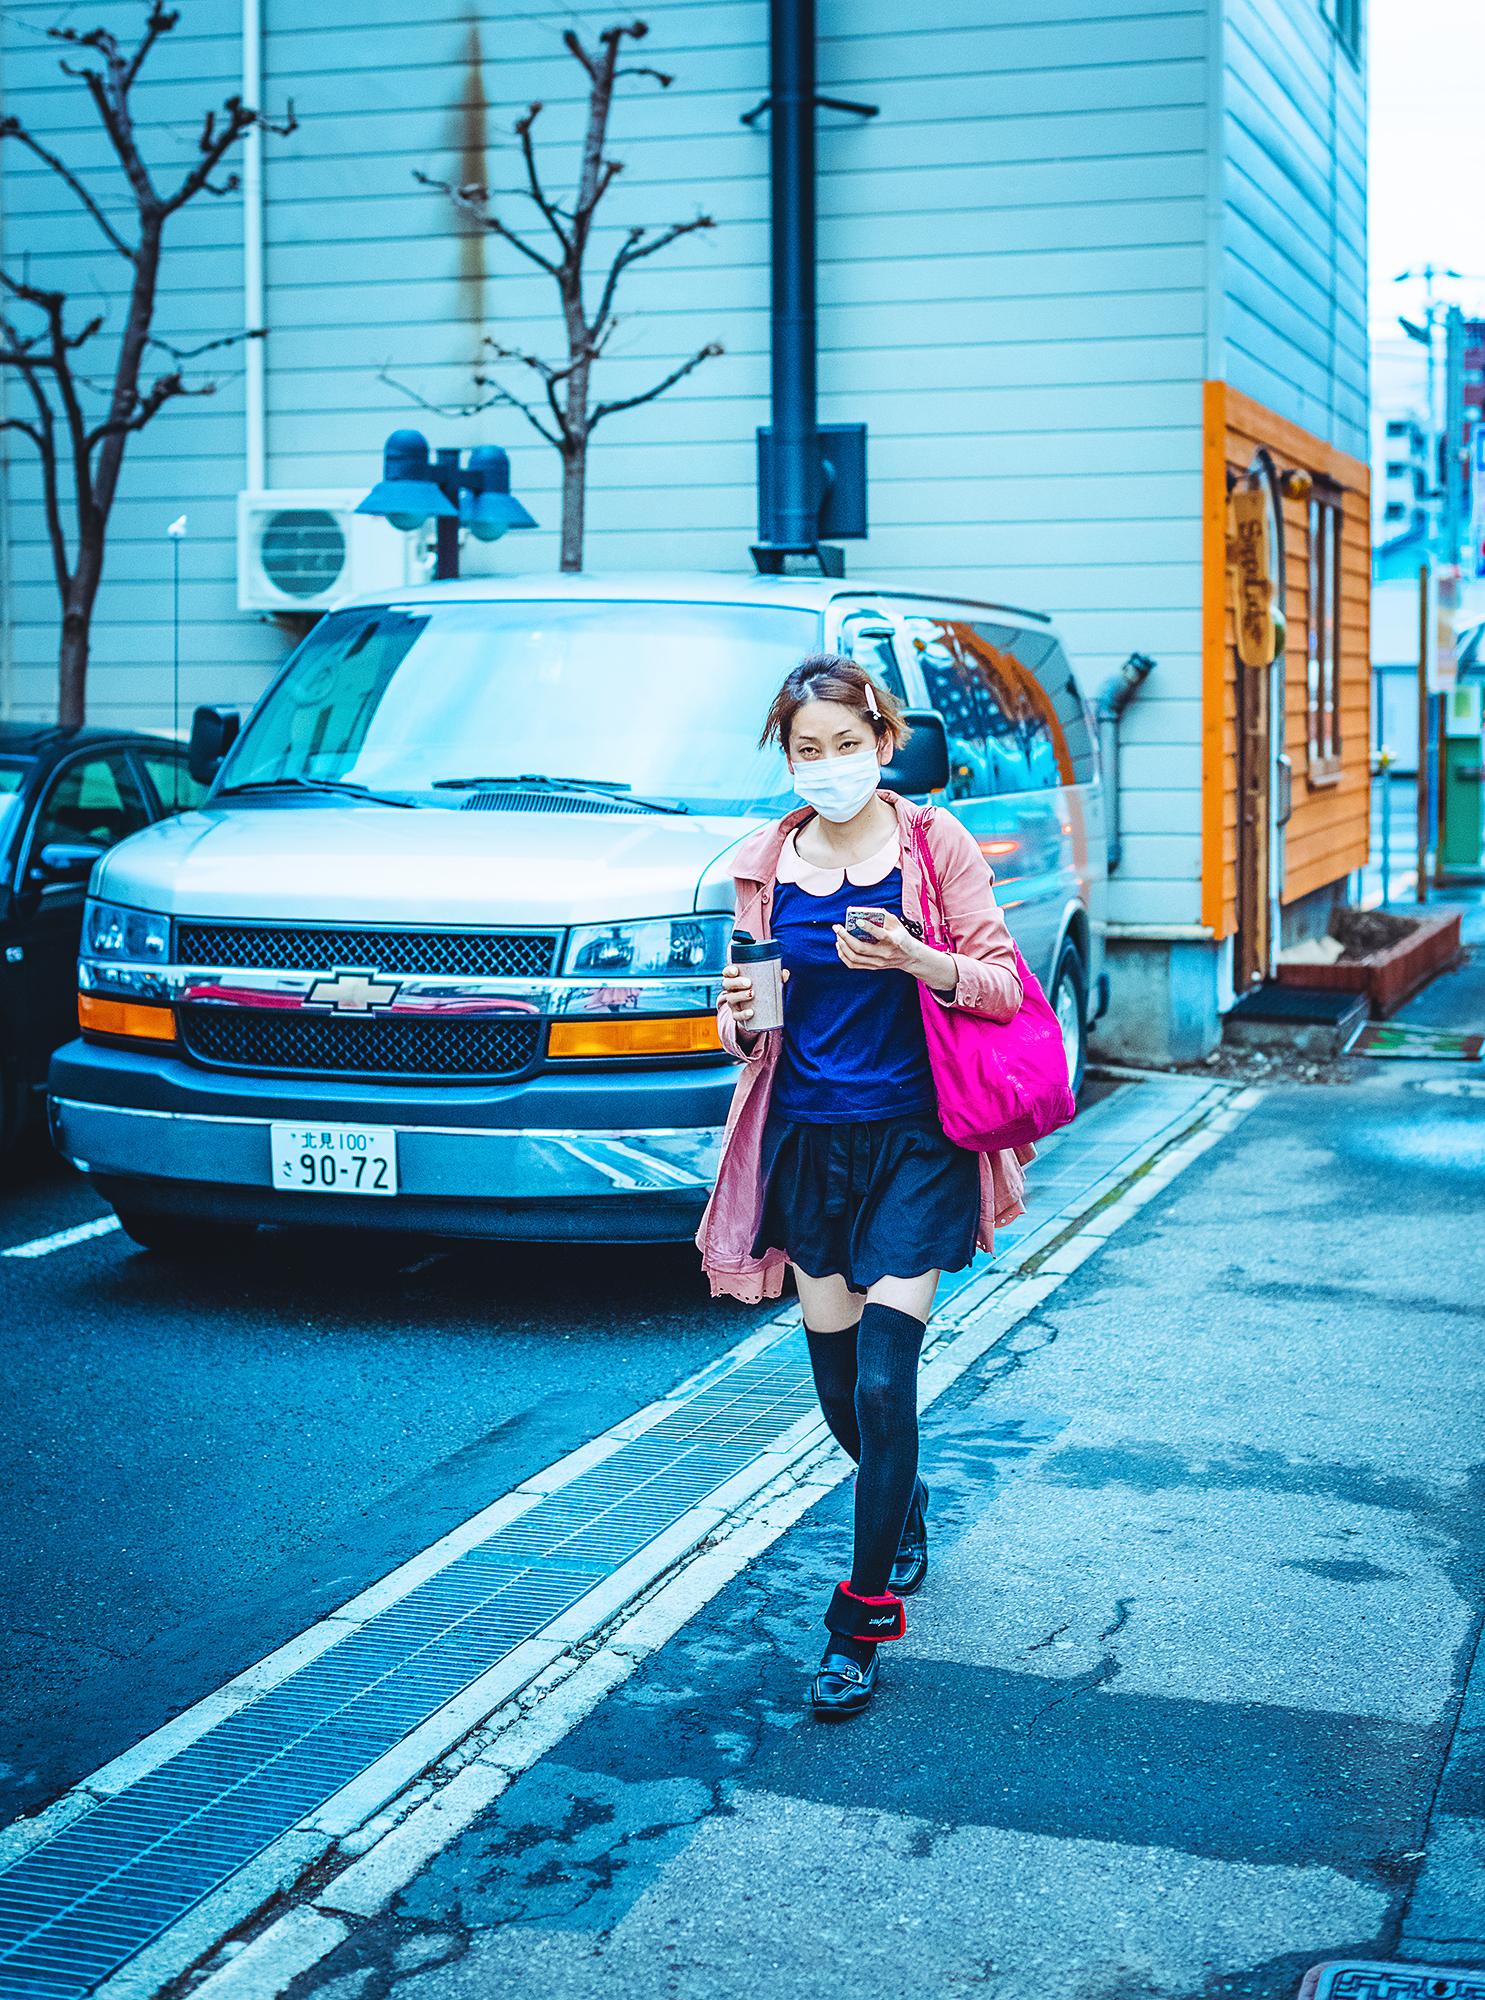 Commuter | Sapporo